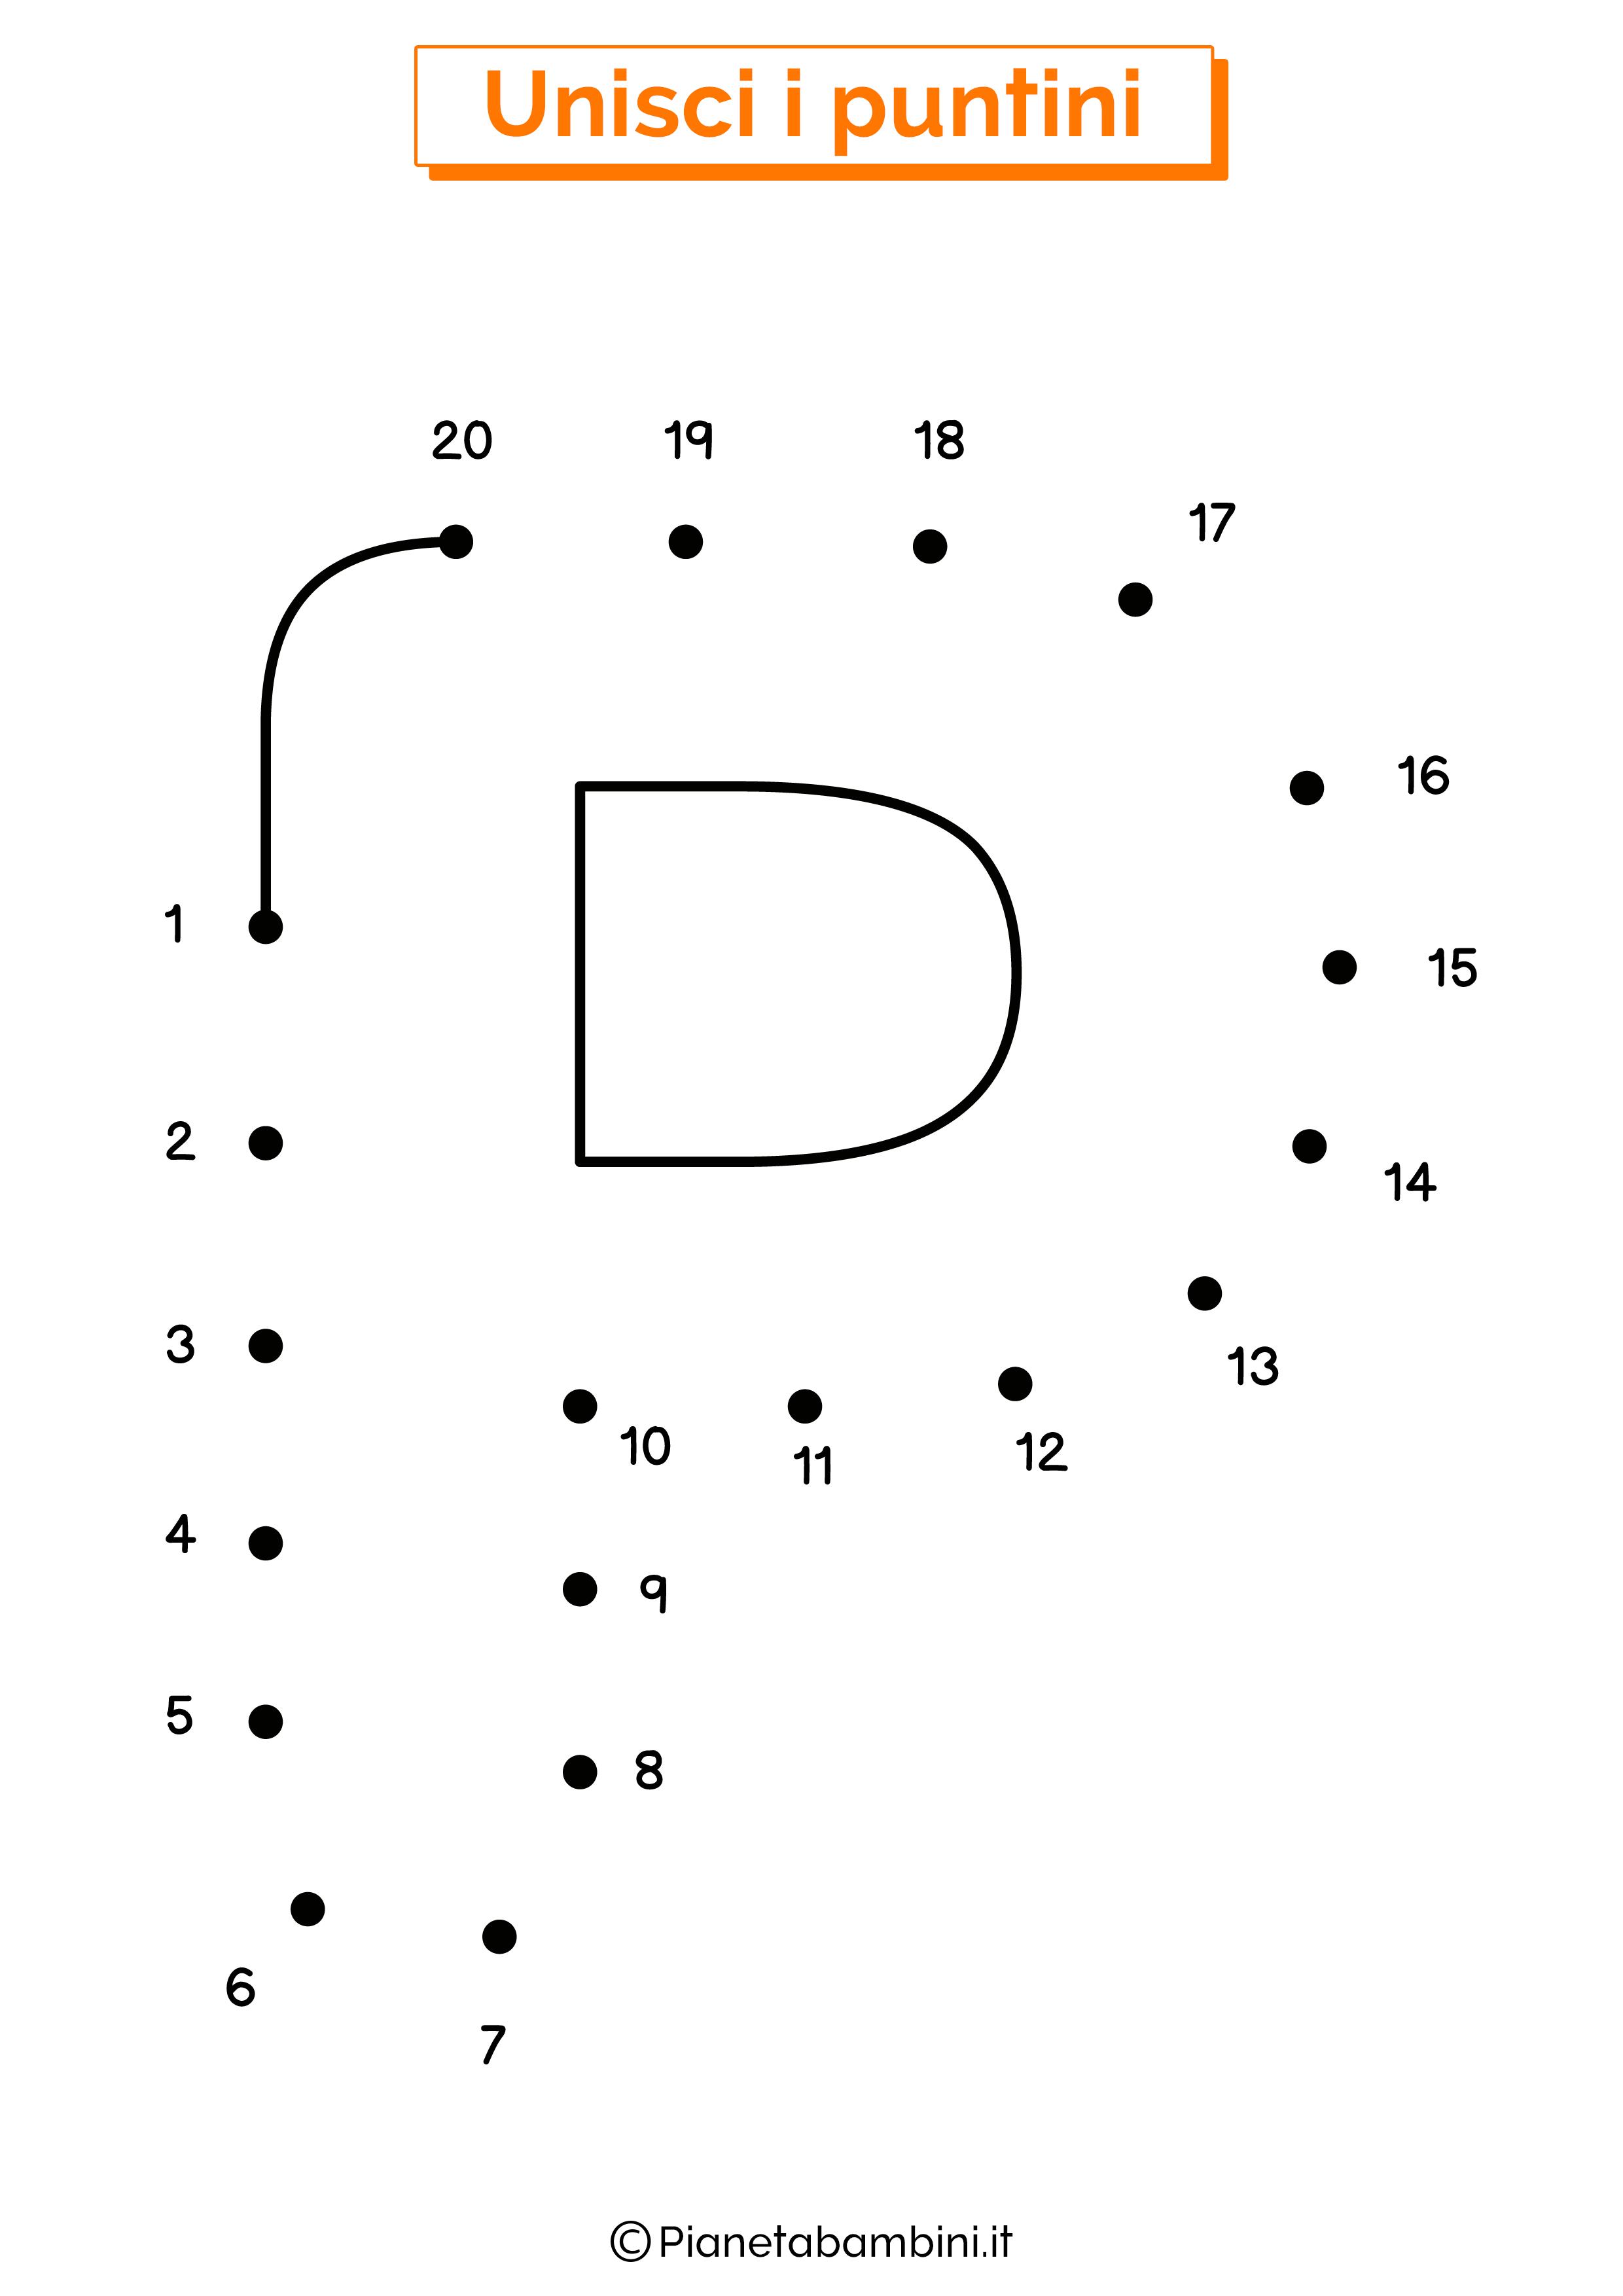 Unisci i puntini con la lettera P